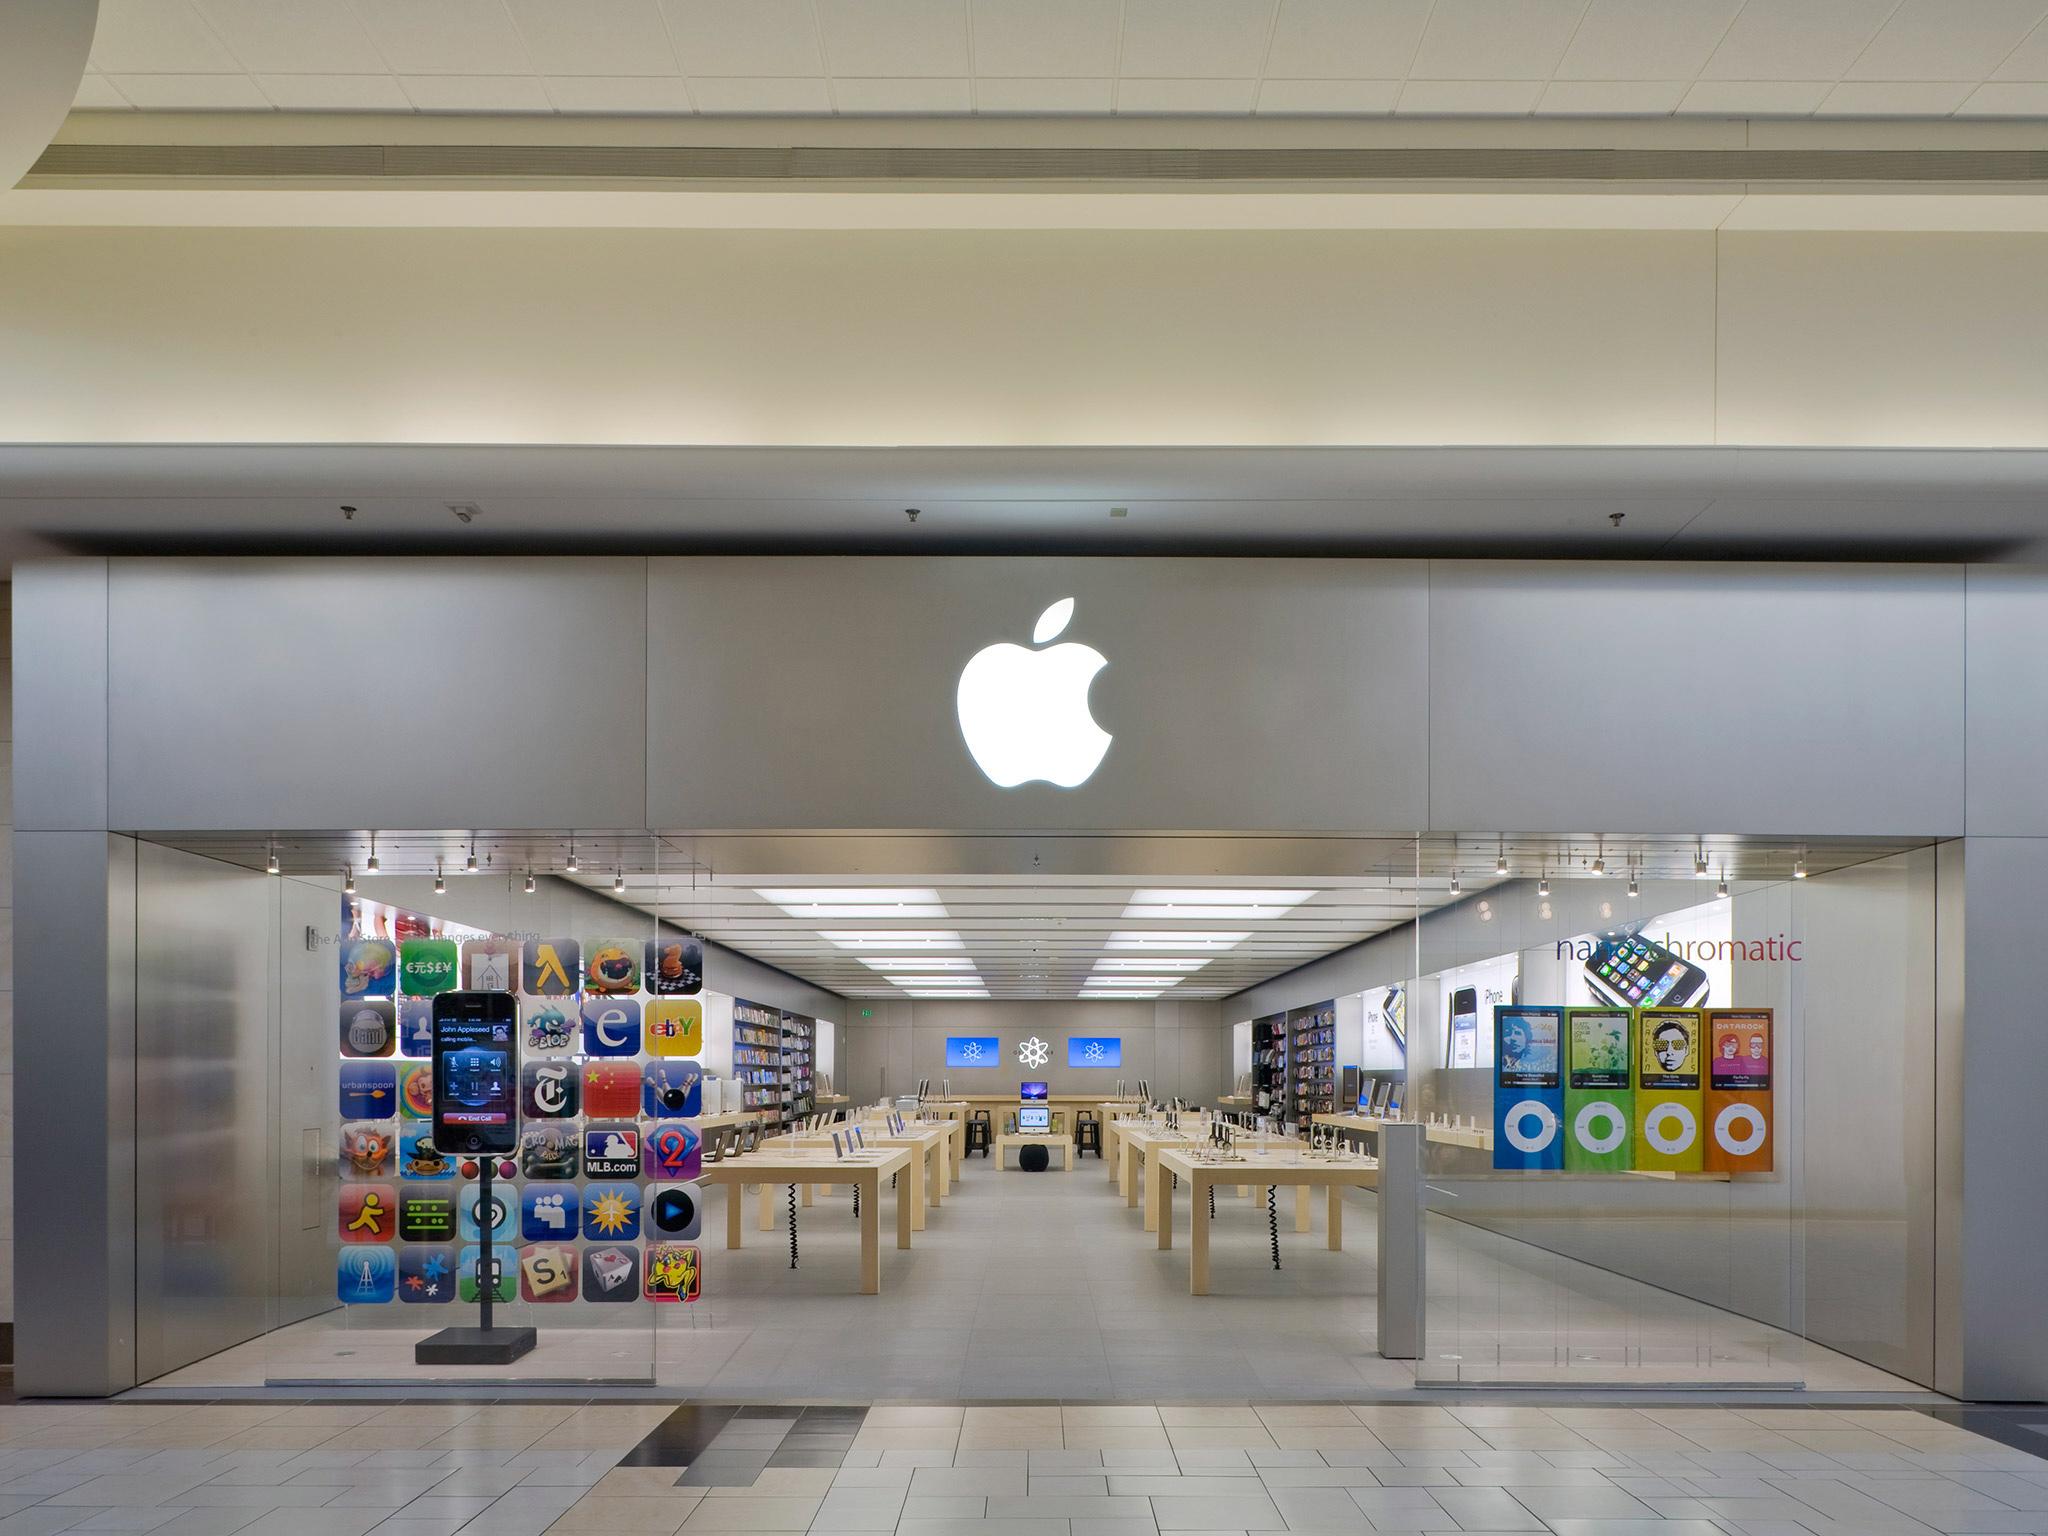 Park City Lancaster Pa Apple Store